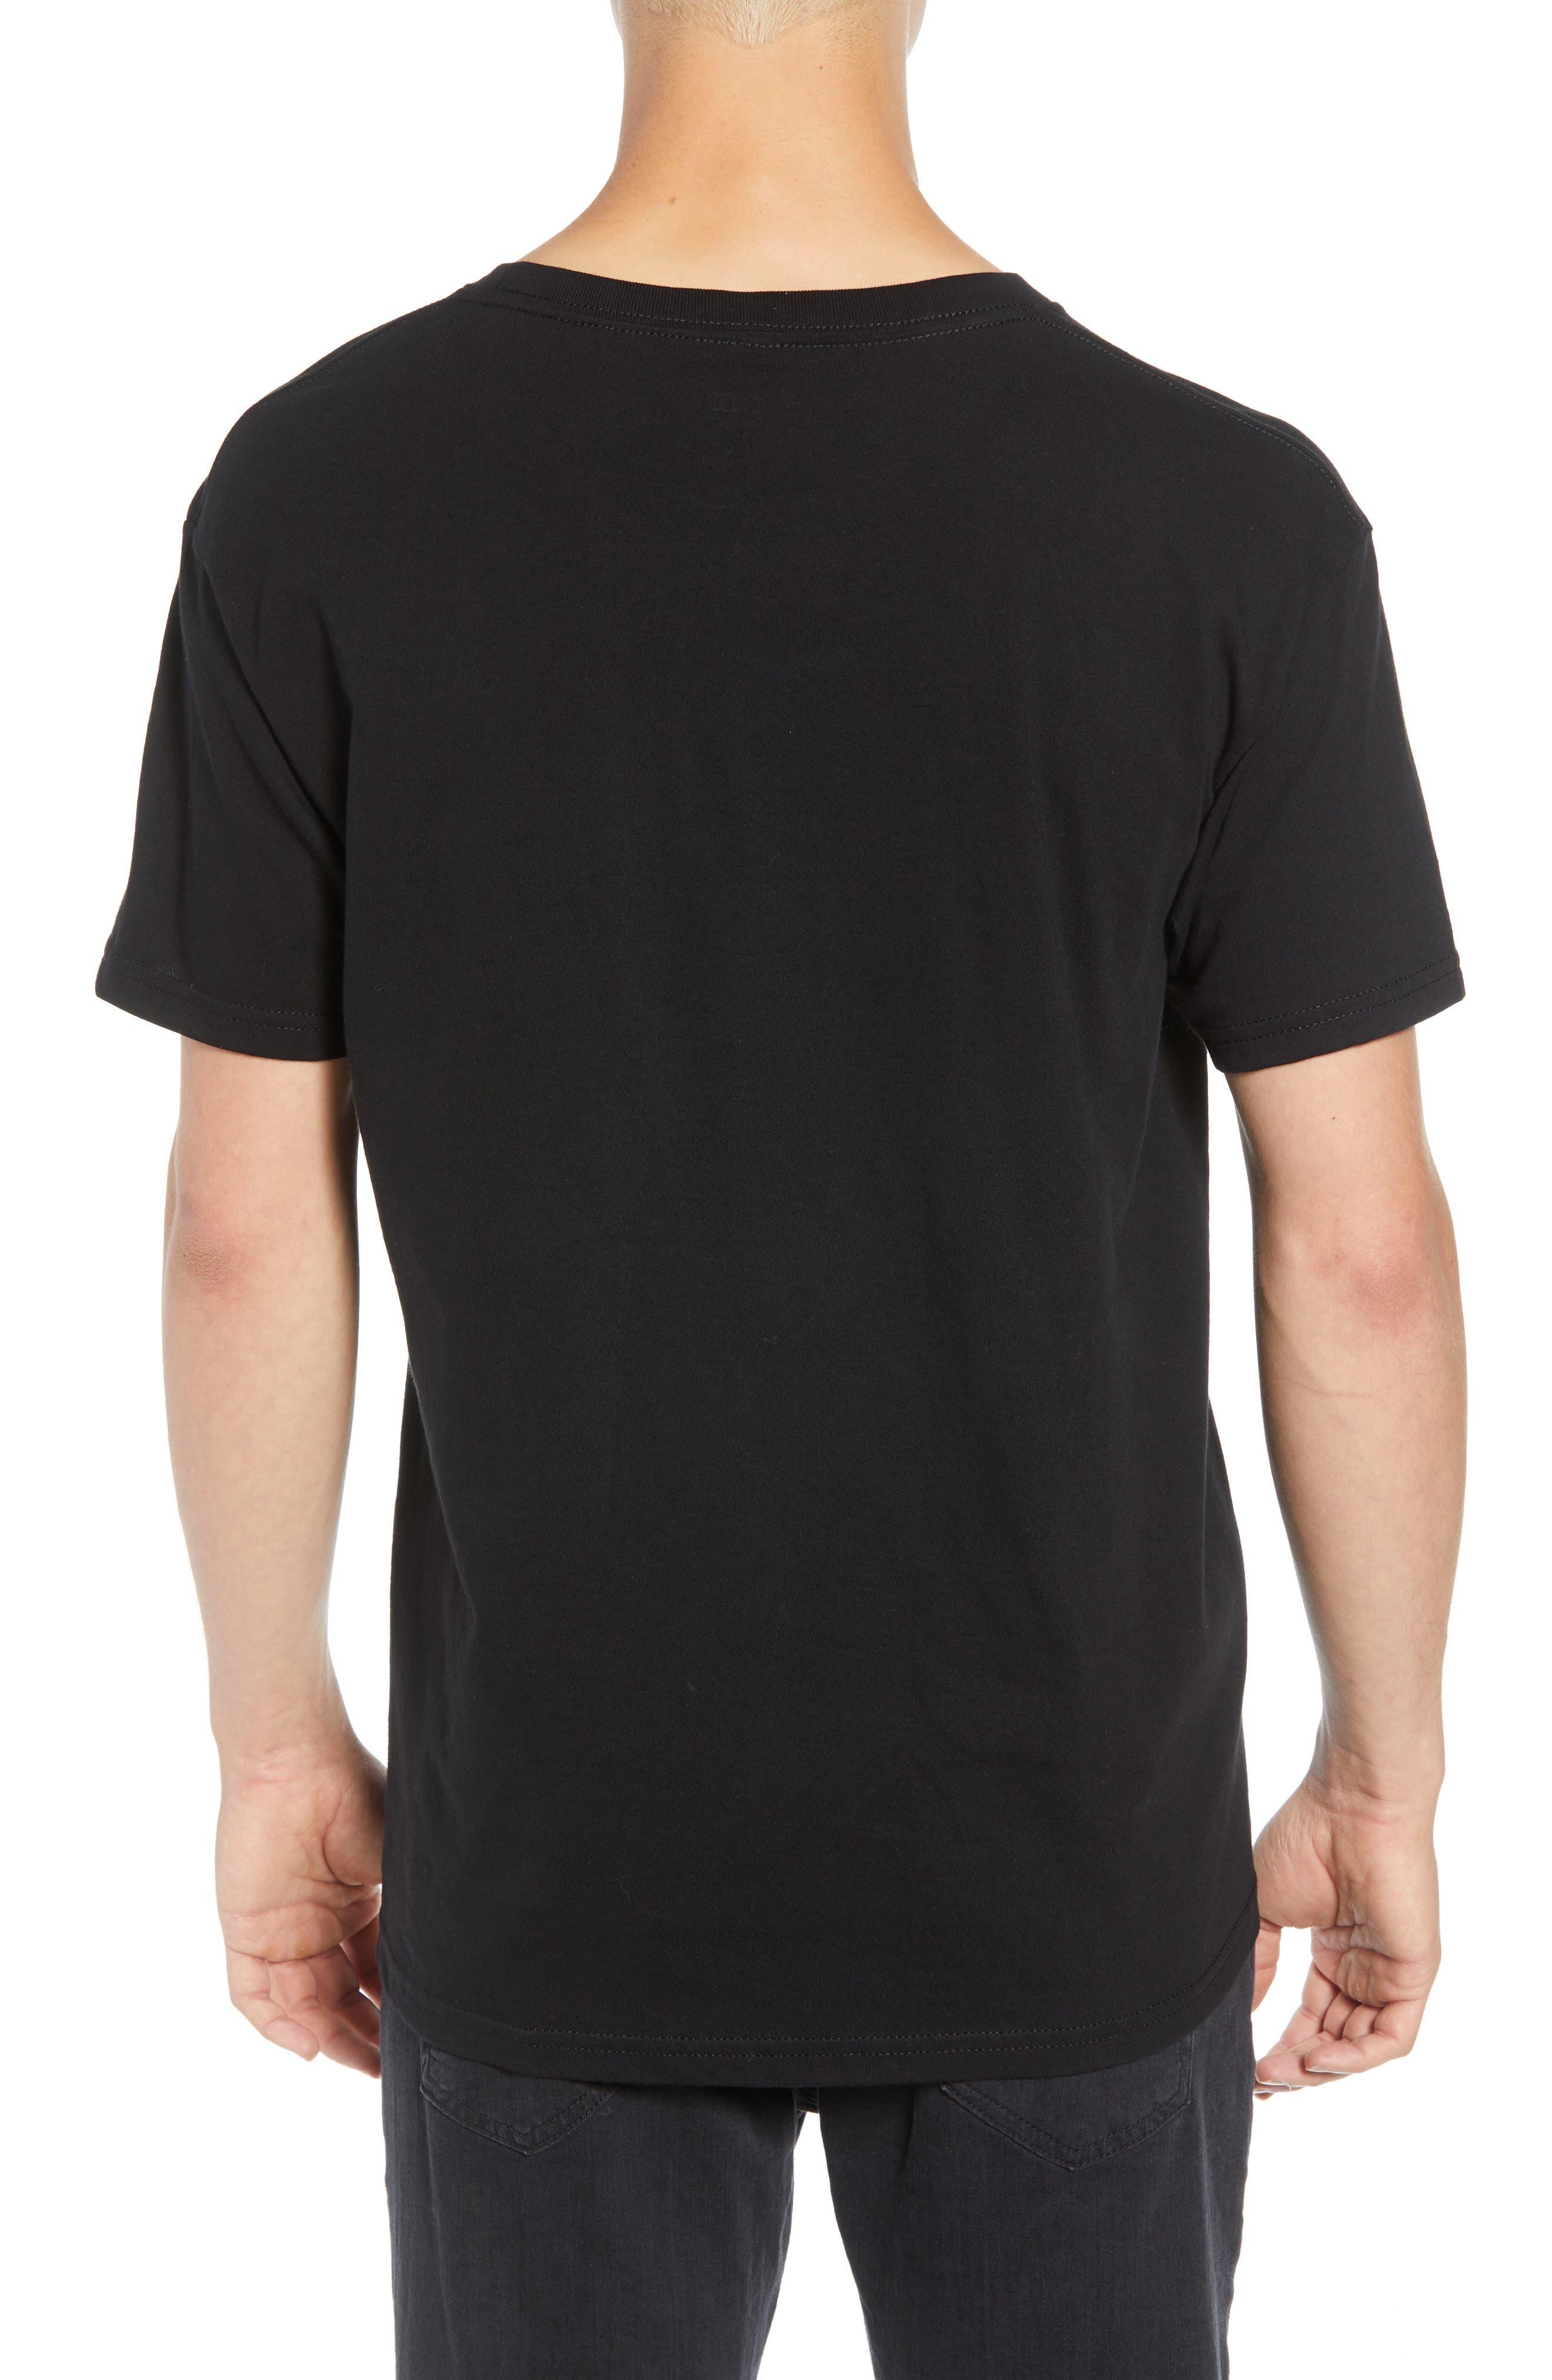 Visual Fidelity Premium T-Shirt,                             Alternate thumbnail 2, color,                             BLACK